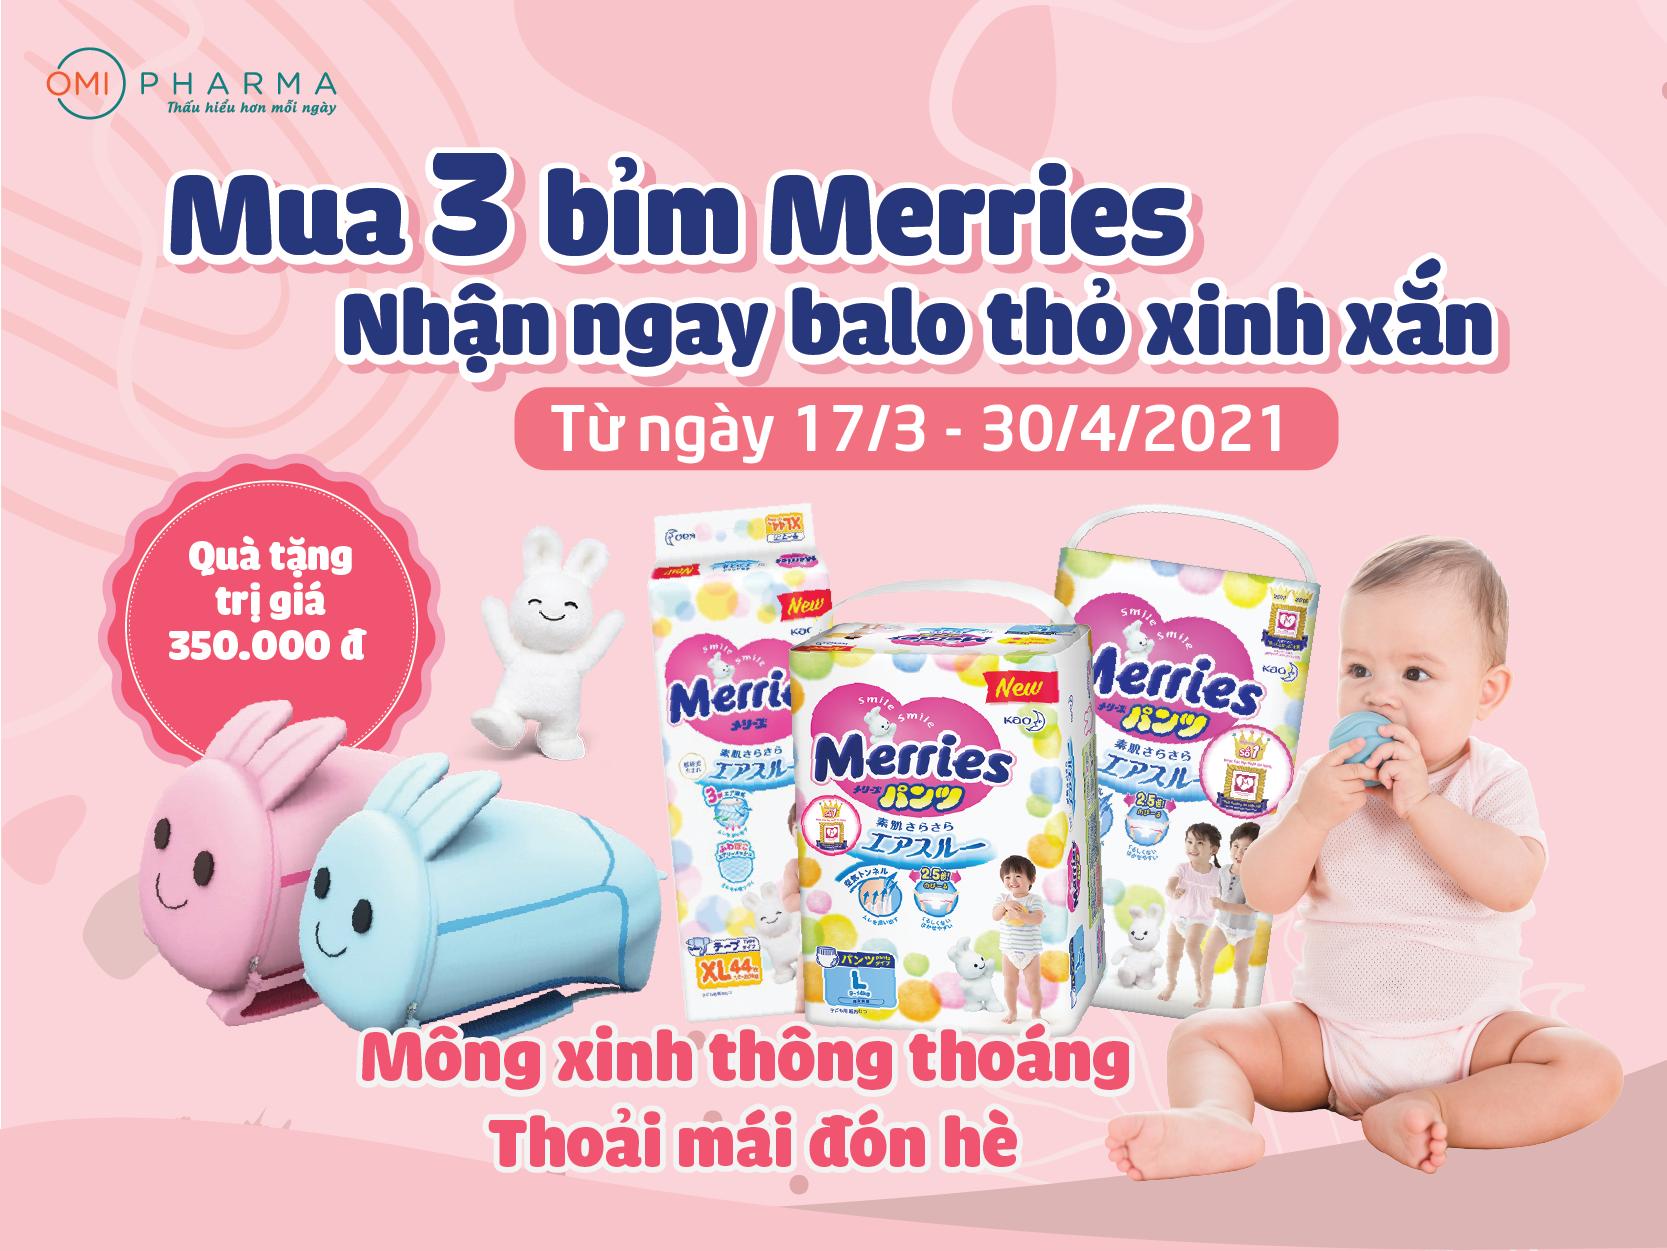 Nhận balo xinh xắn và tiện lợi cho bé yêu khi mua bỉm Merries tại Omi Pharma